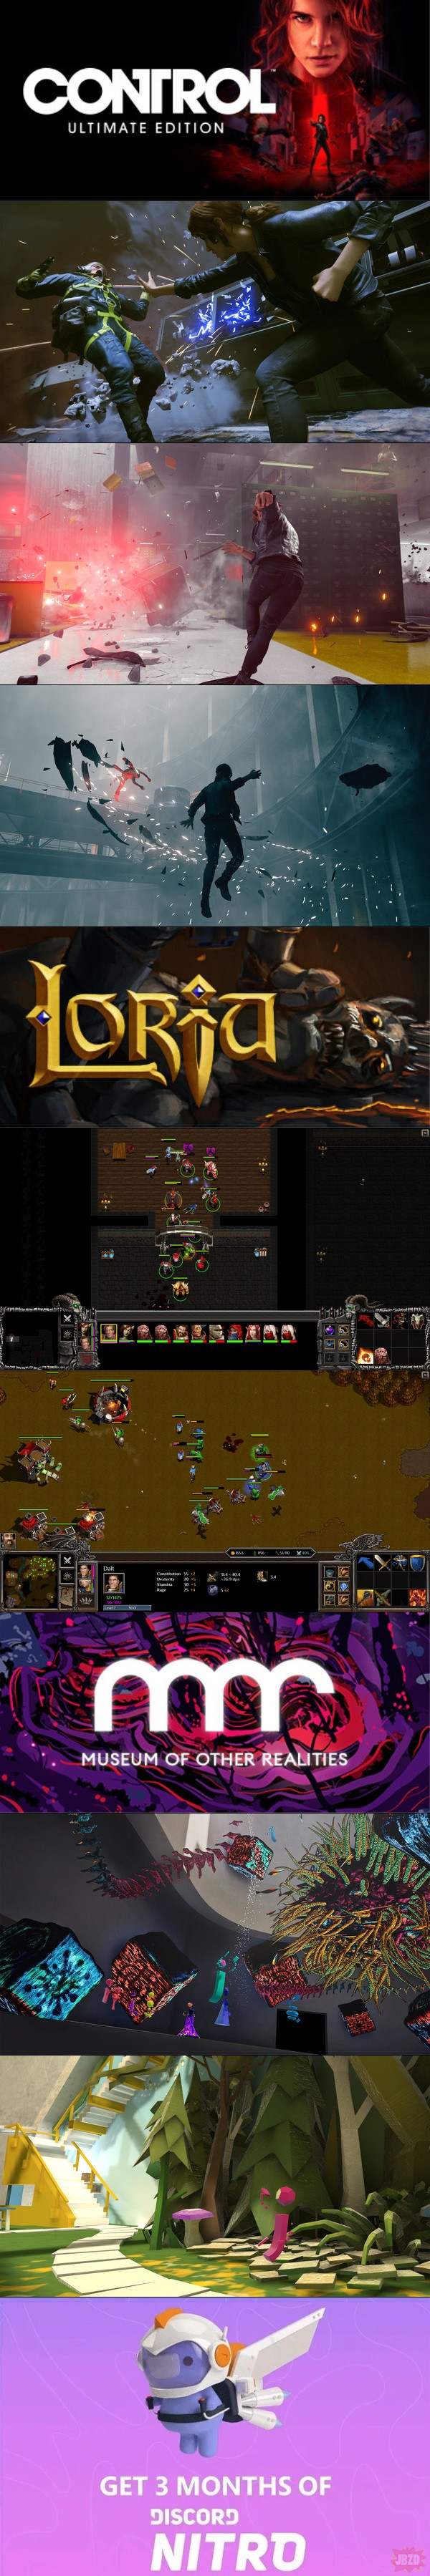 Control za darmo w egs, Museum of Other Realities za darmo na Steamie, Loria przeszła na F2P(Steam,GoG) oraz Discord Nitro na 3 miesiące za darmo w egs